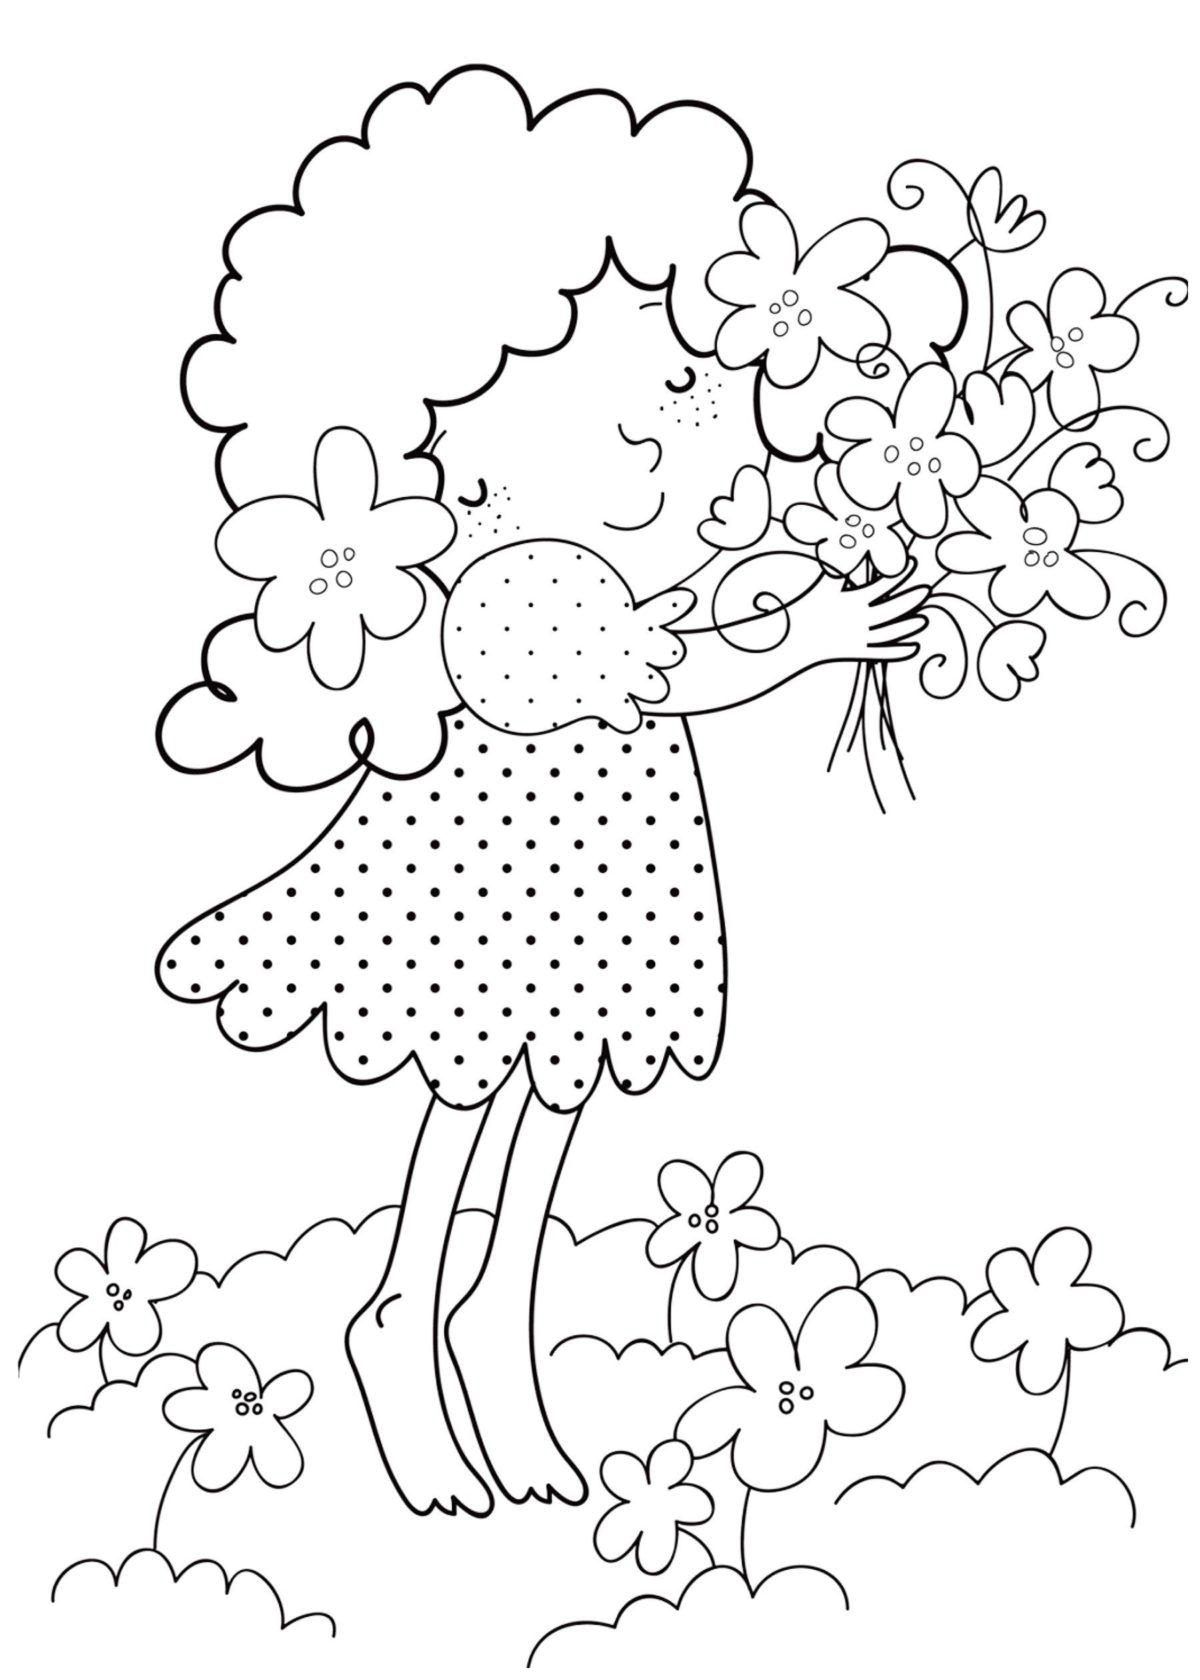 Девочка с цветами - Картинка для раскрашивания красками-гуашью